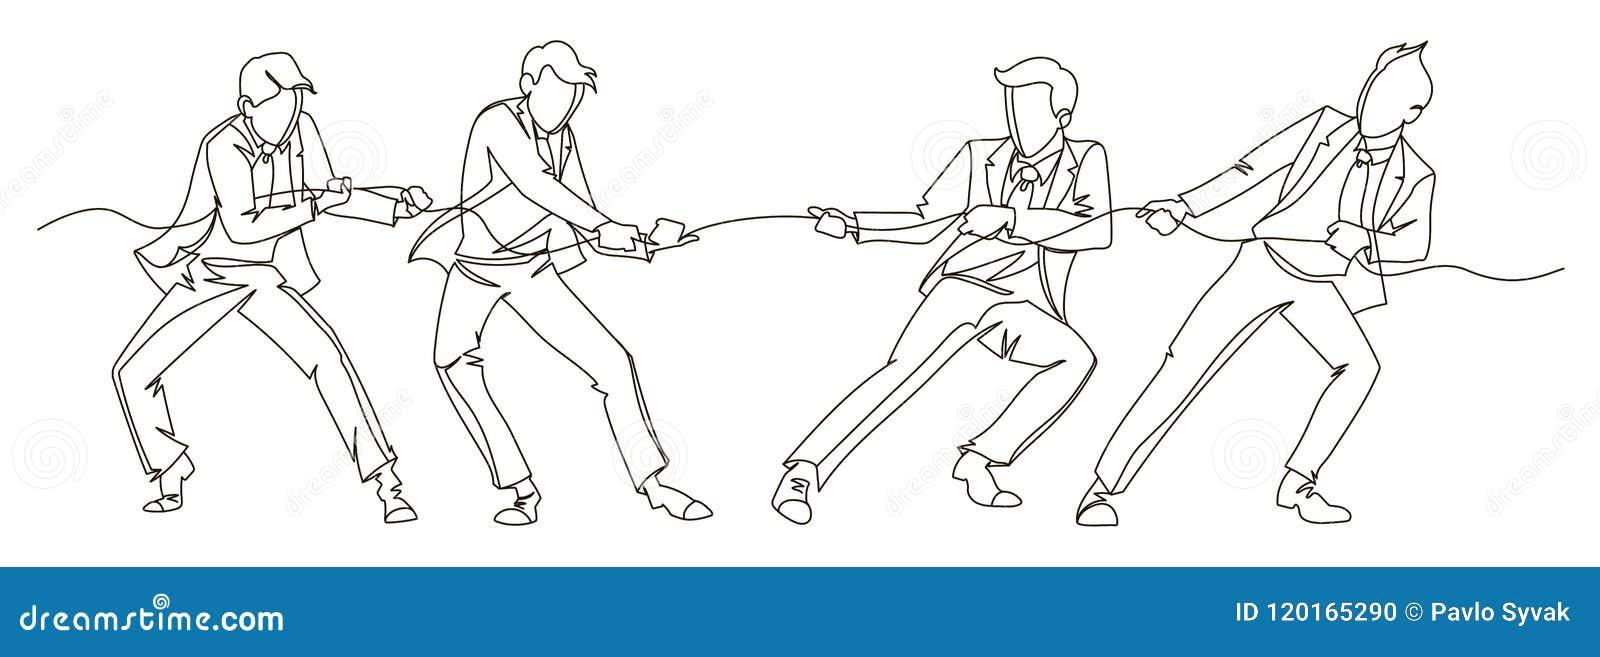 Geschäftsmann Pulling die Seil-ununterbrochene Linie Kunst Geschäfts-Teamwork-lineares Konzept Schattenbild-Leute-Wettbewerb